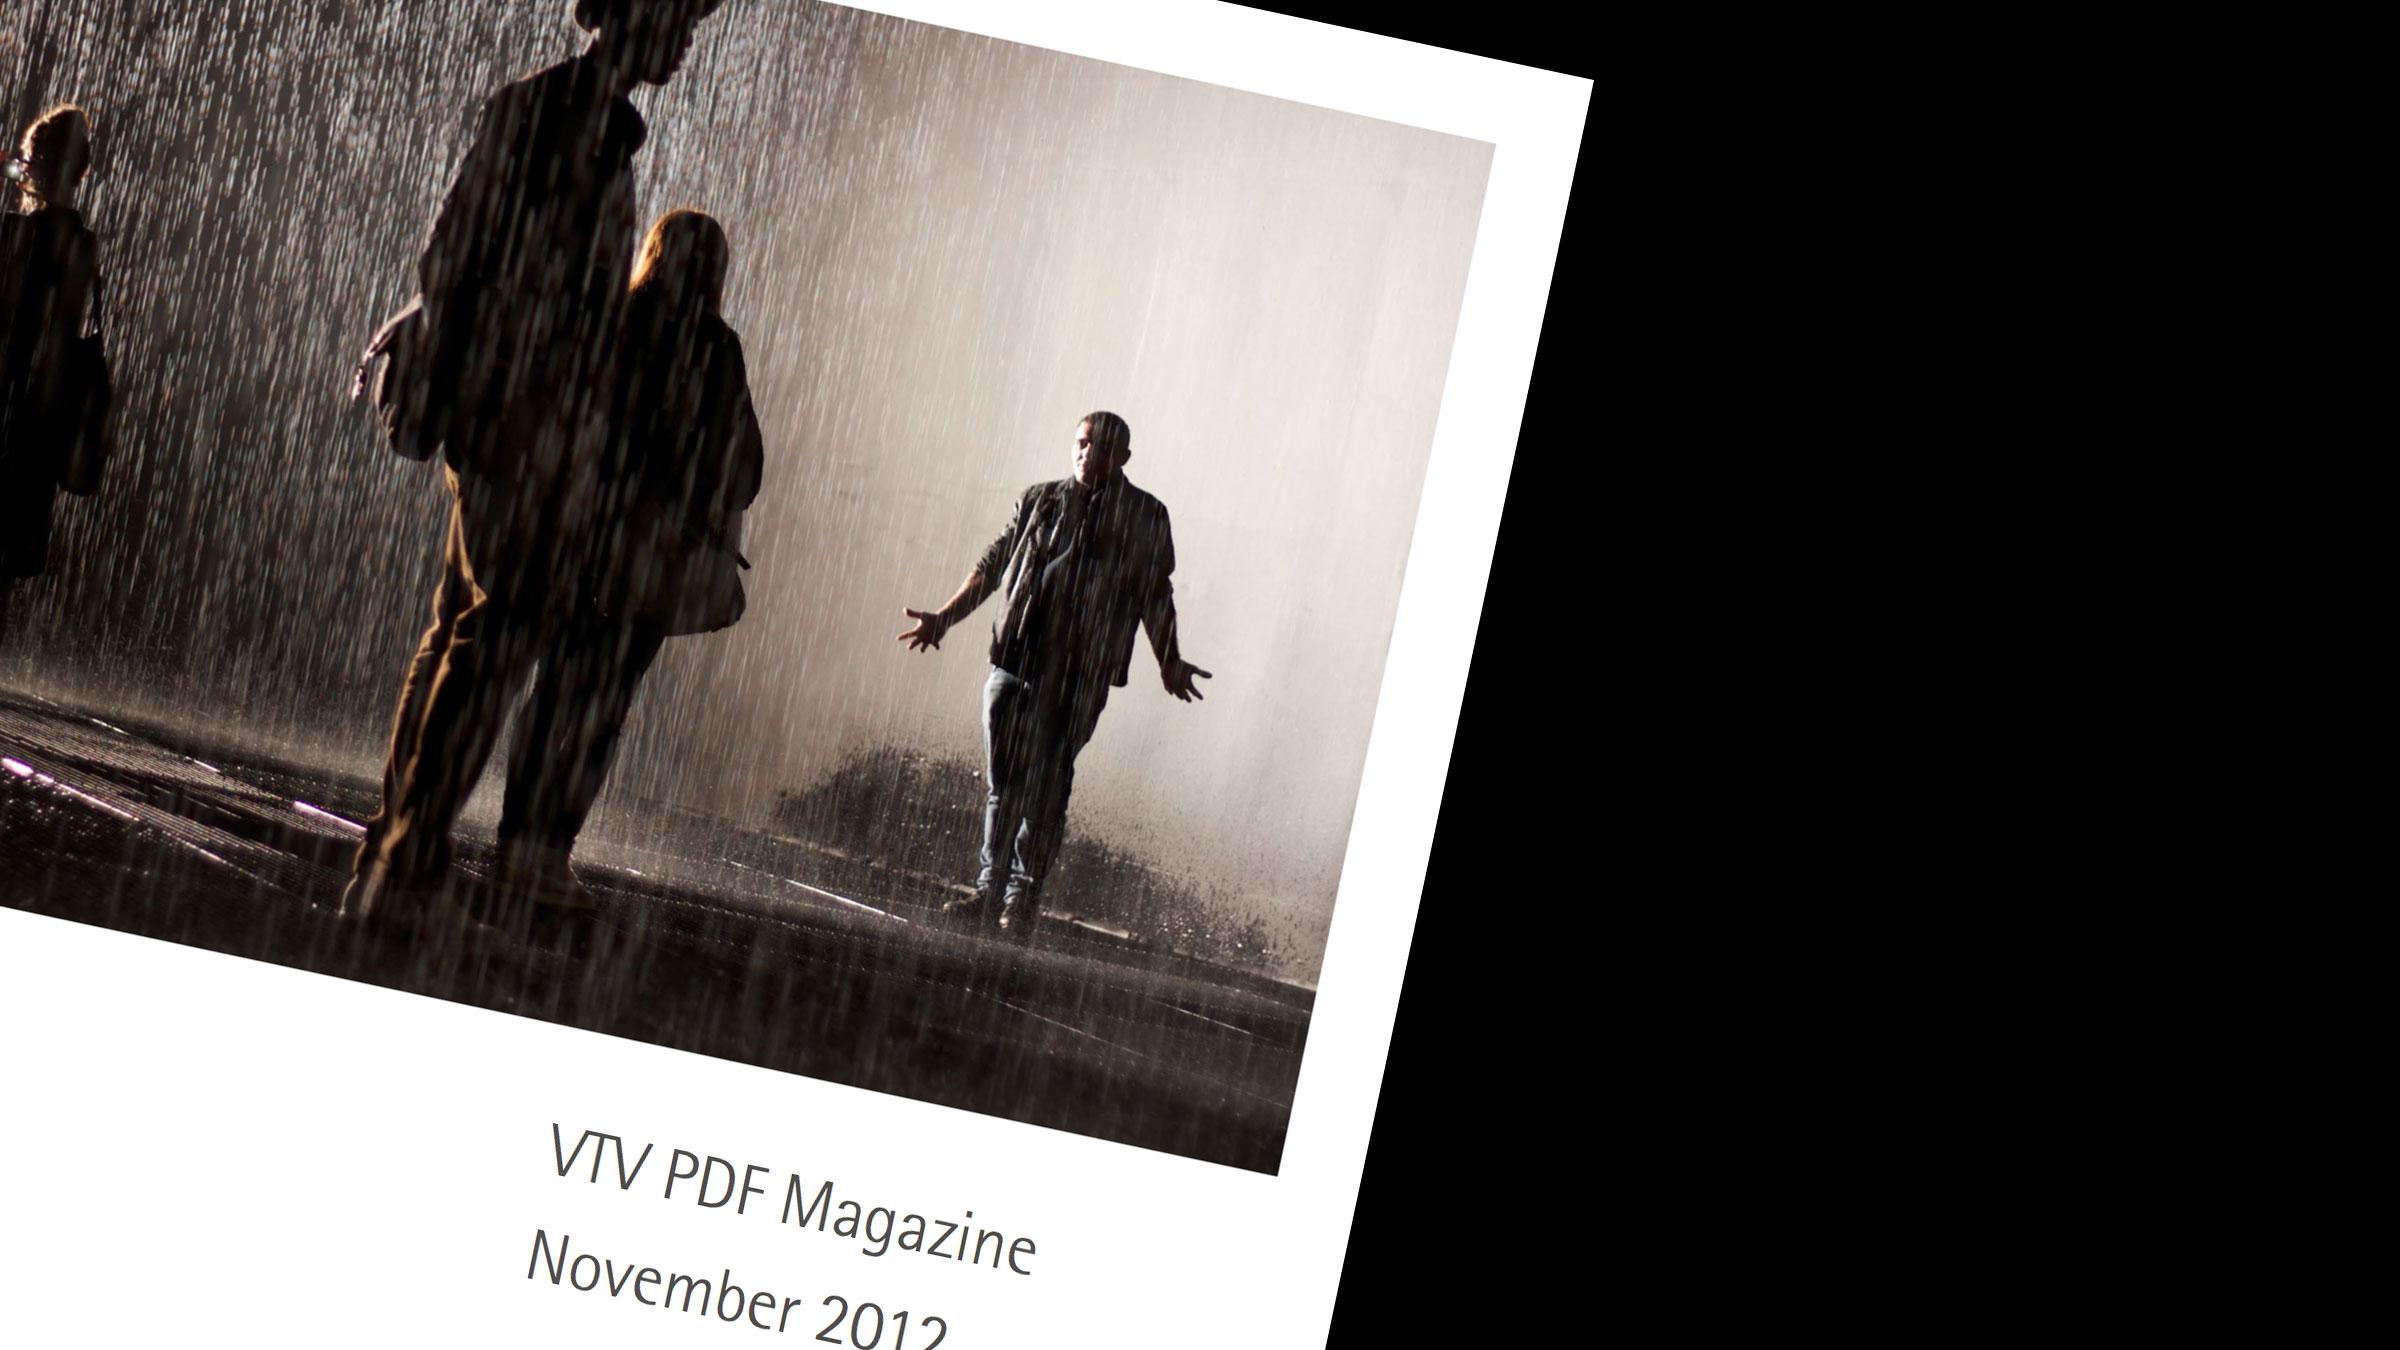 VTV PDF Mag No. 23